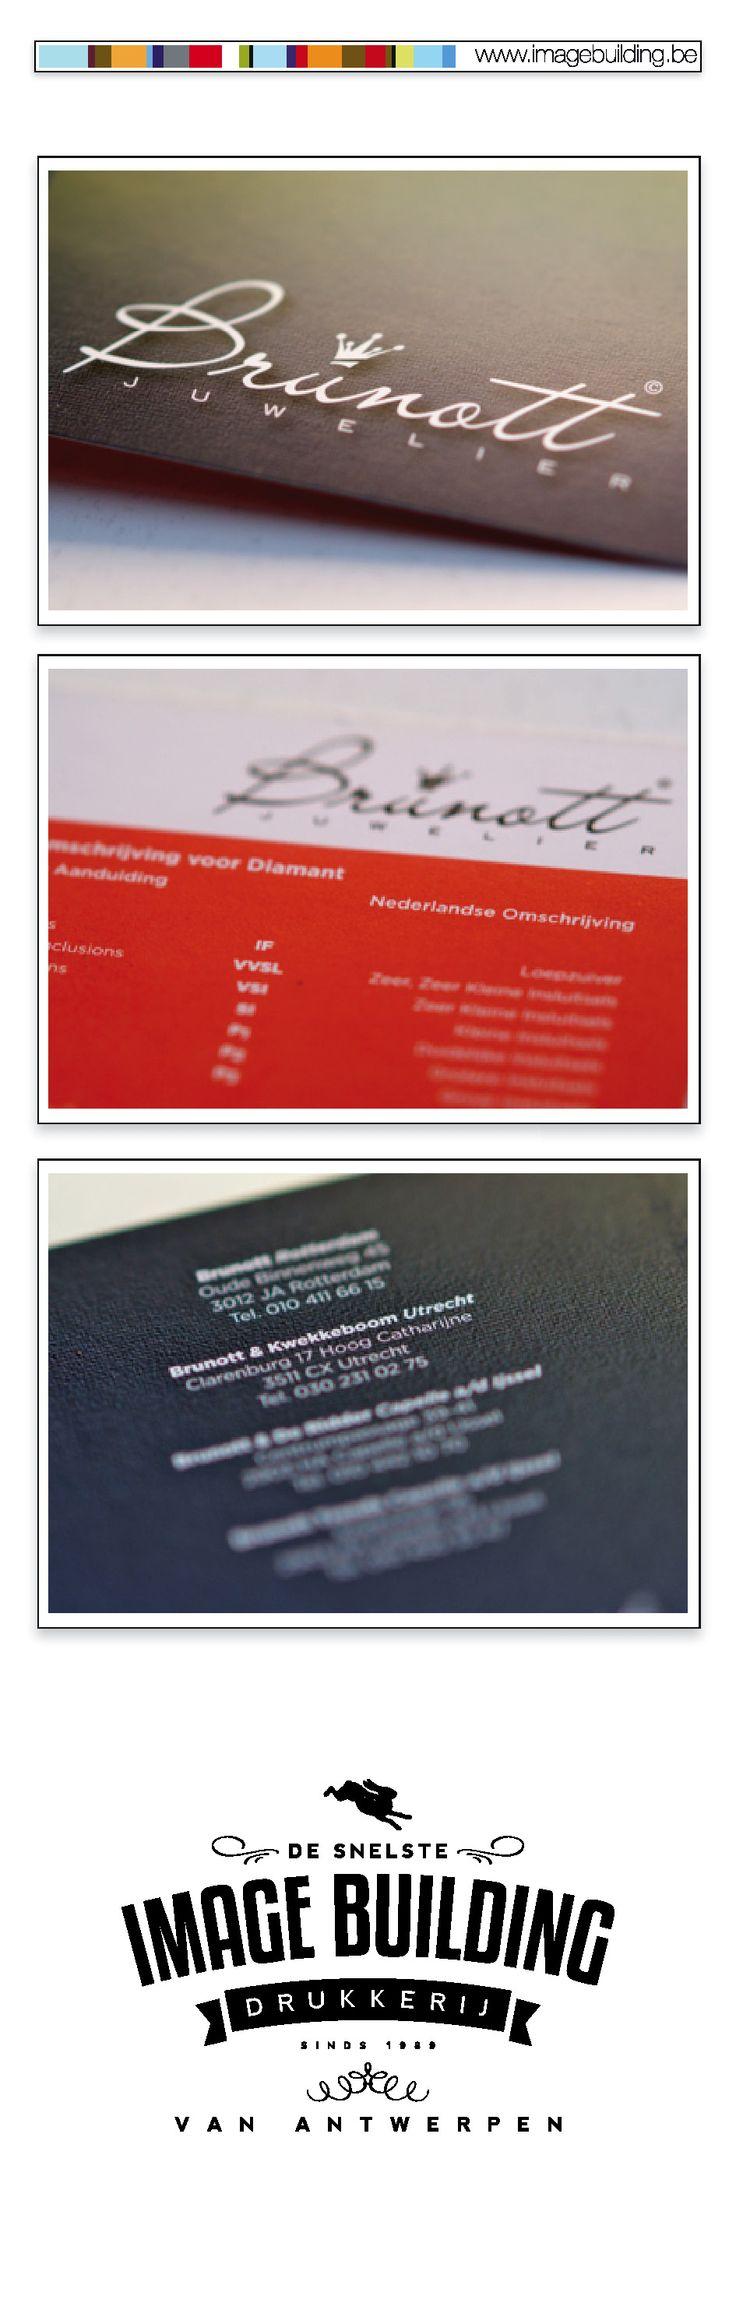 Logo, huisstijl ontwerp en drukwerk voor 'Brunott Juwelier'. Pancartes. Certificaten. Flyers. Rollupbanners. Bashes. Tshirts. visitekaartjes. #imagebuildingnv #desnelstedrukkerijvanantwerpen #huisstijl #graphicdesign #grafisch #ontwerp #opmaak #drukwerk